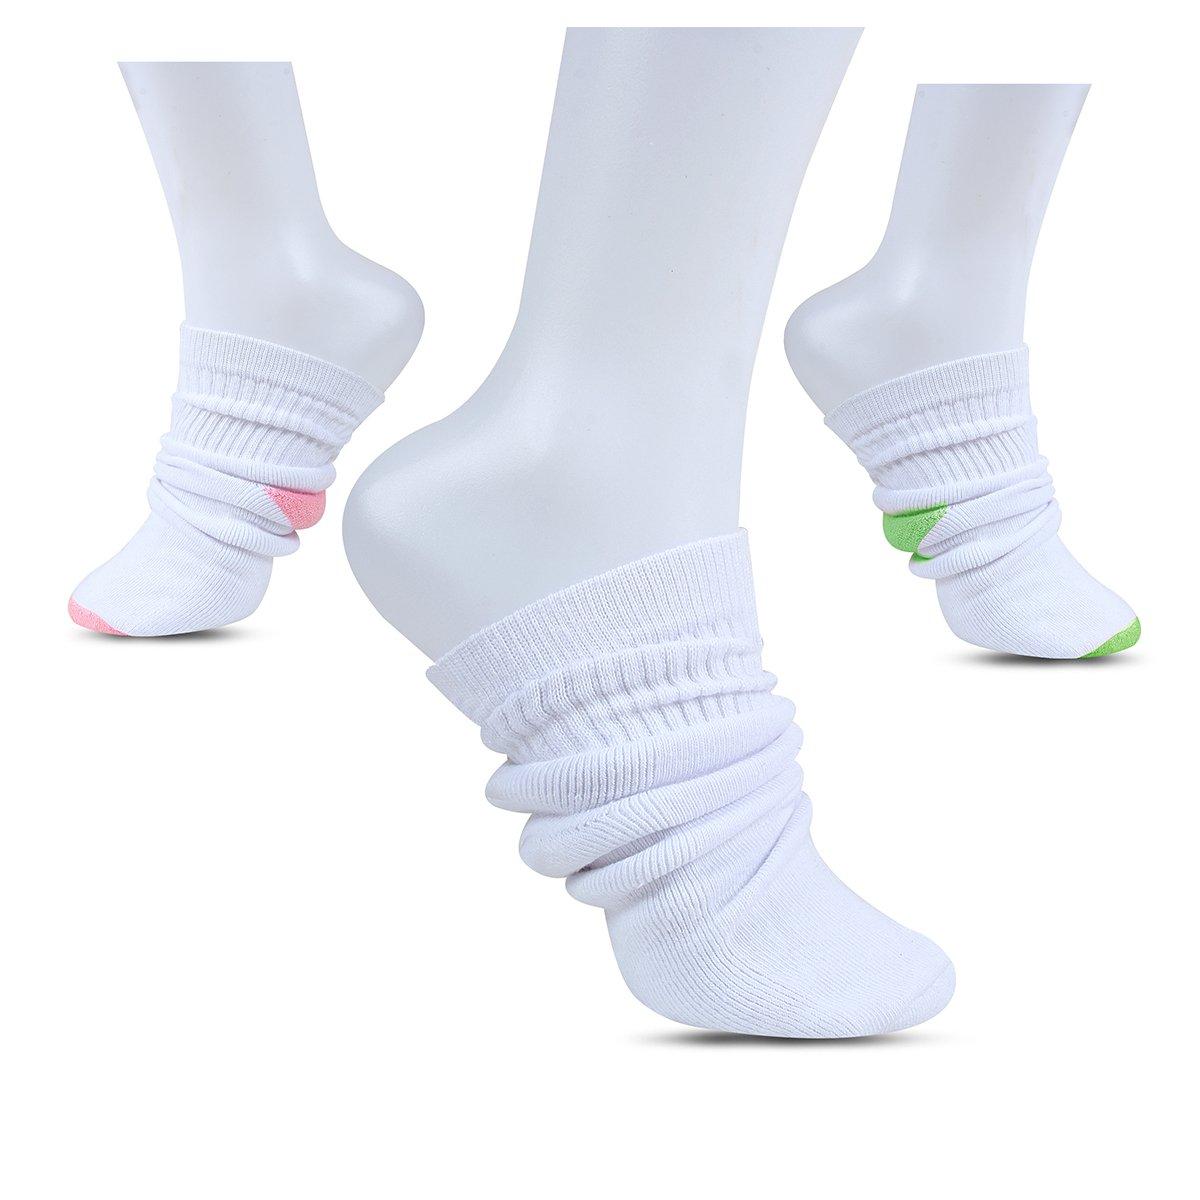 Sox Express Ankle Socks for Girls / Quarter Socks – Value Bundle Pack of 6